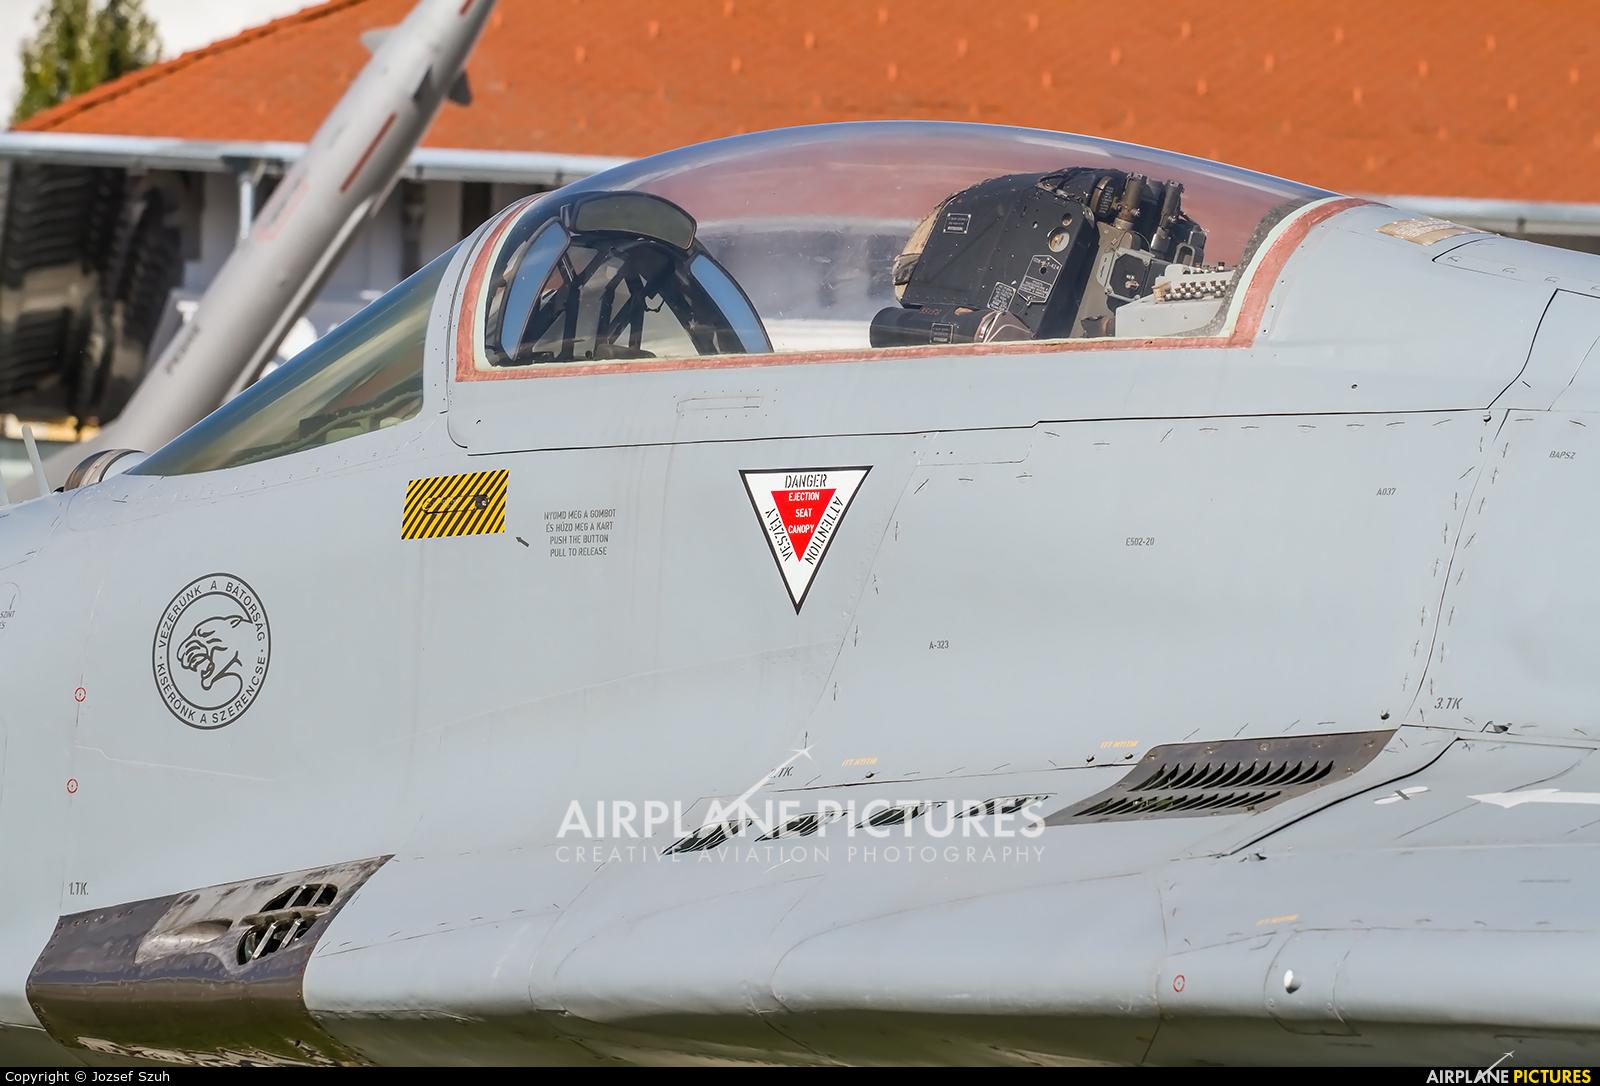 Hungary - Air Force 05 aircraft at Off Airport - Hungary